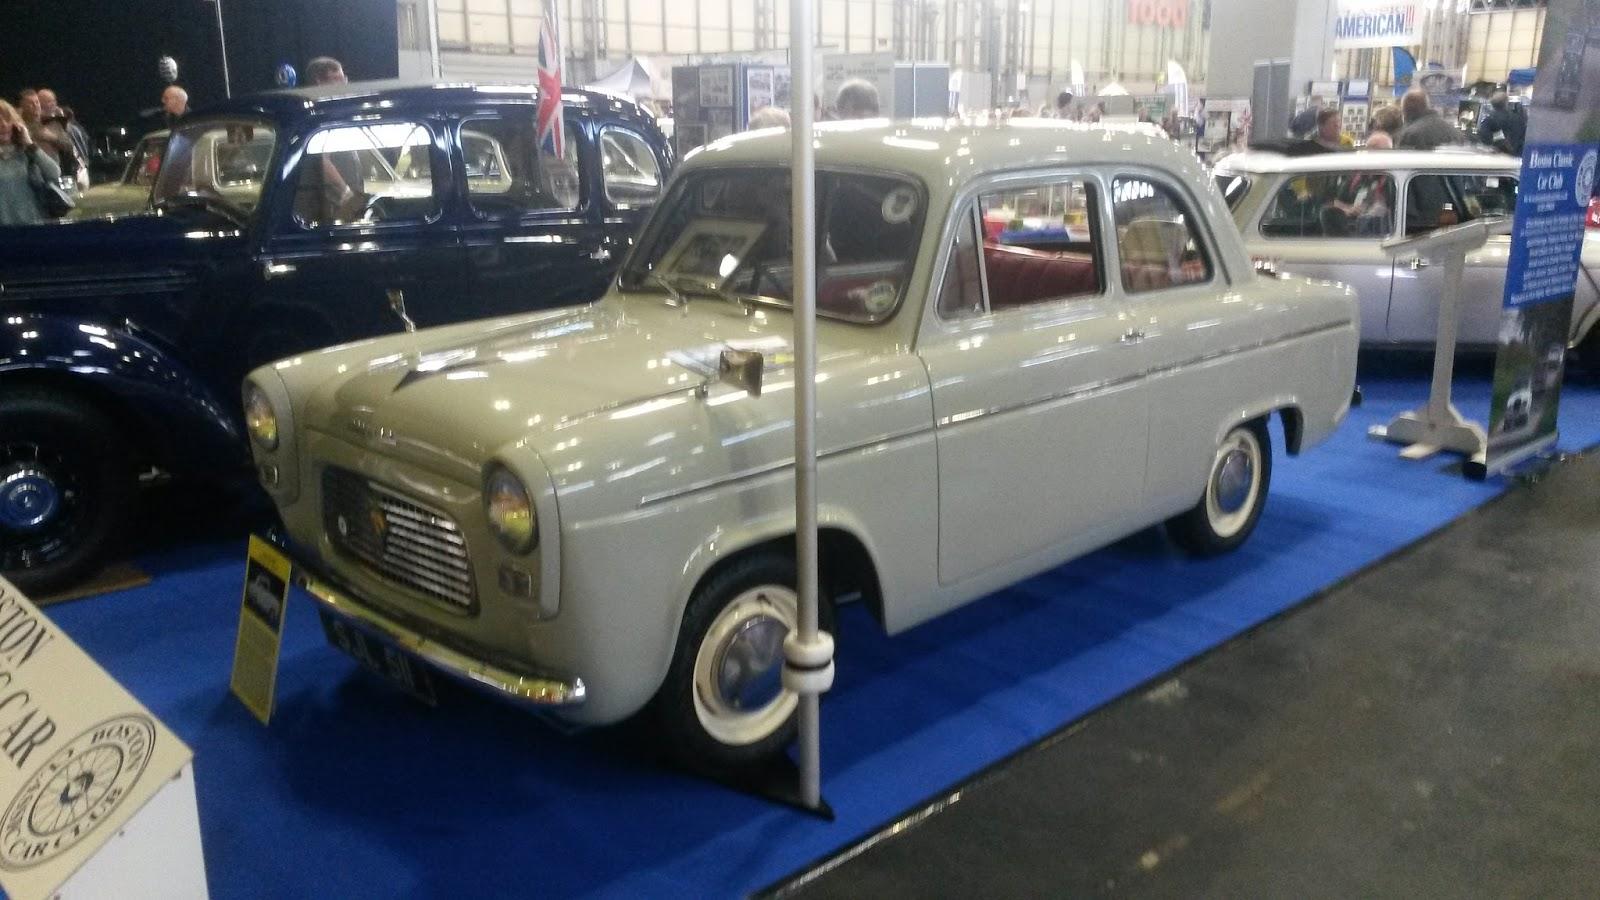 NEC Classic Car Show Birmingham Ivans Classics - Car show near me